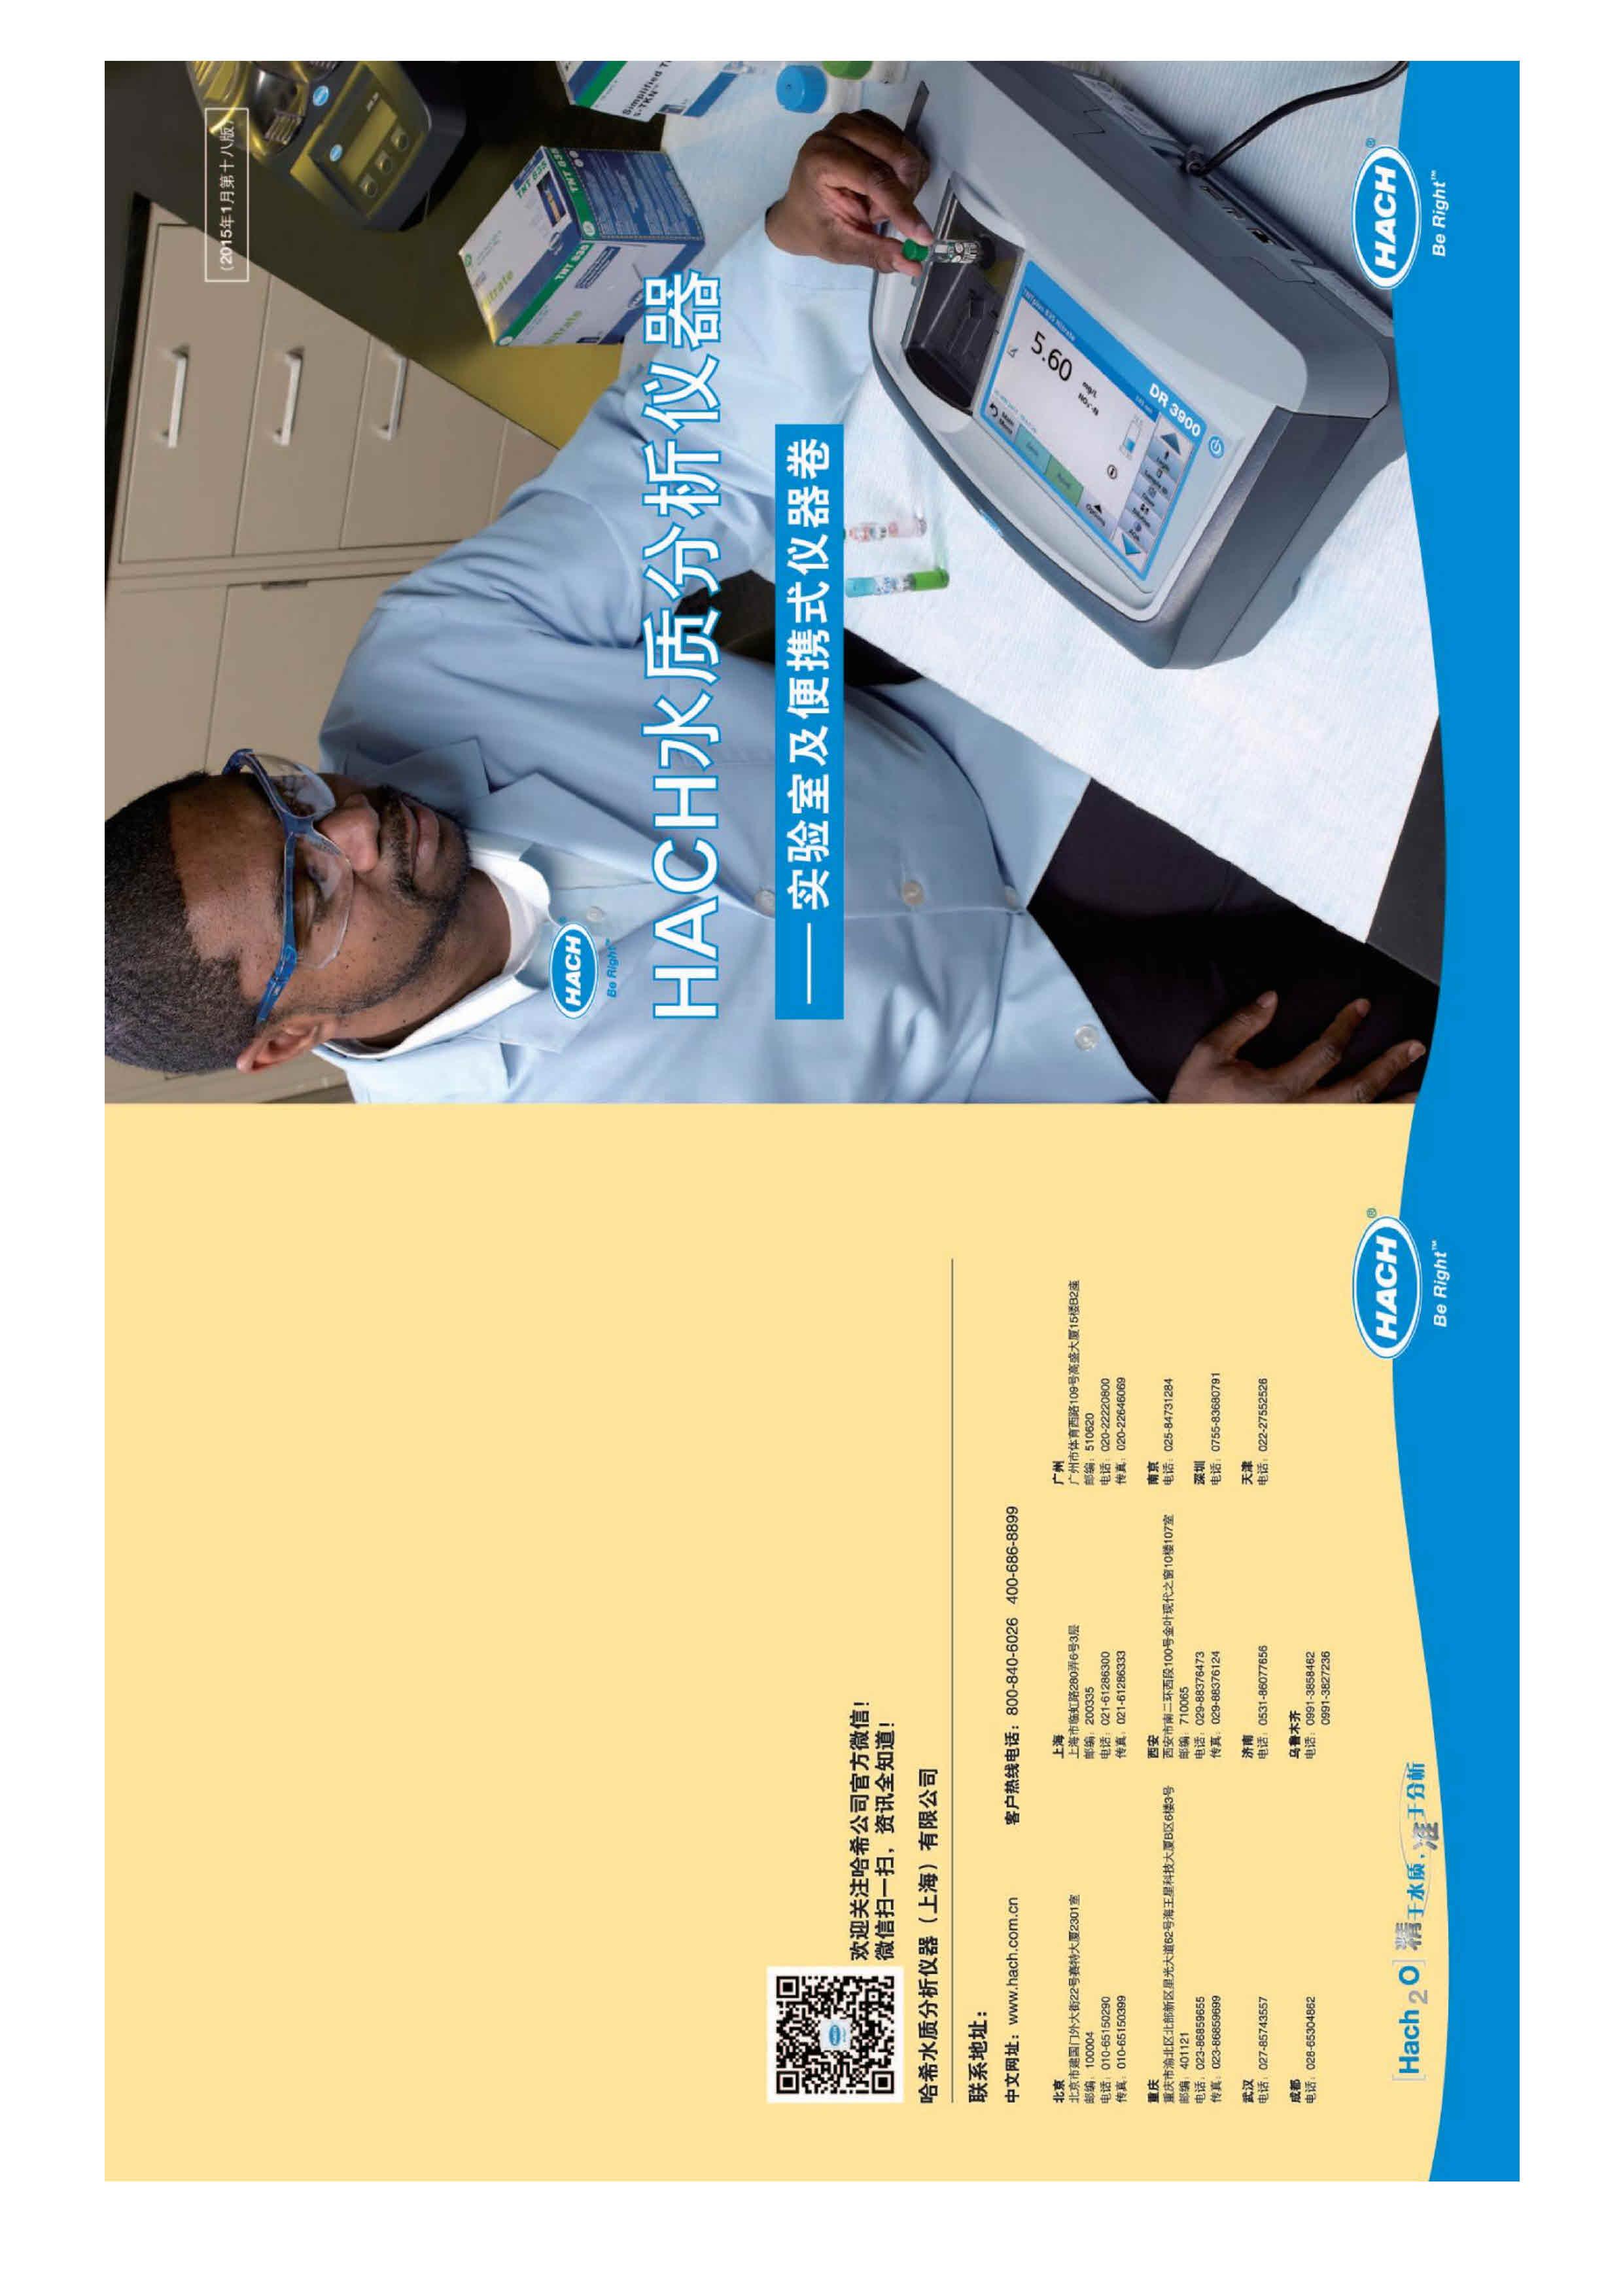 HACH哈希水质分析仪器 实验室及便携式仪器卷2015